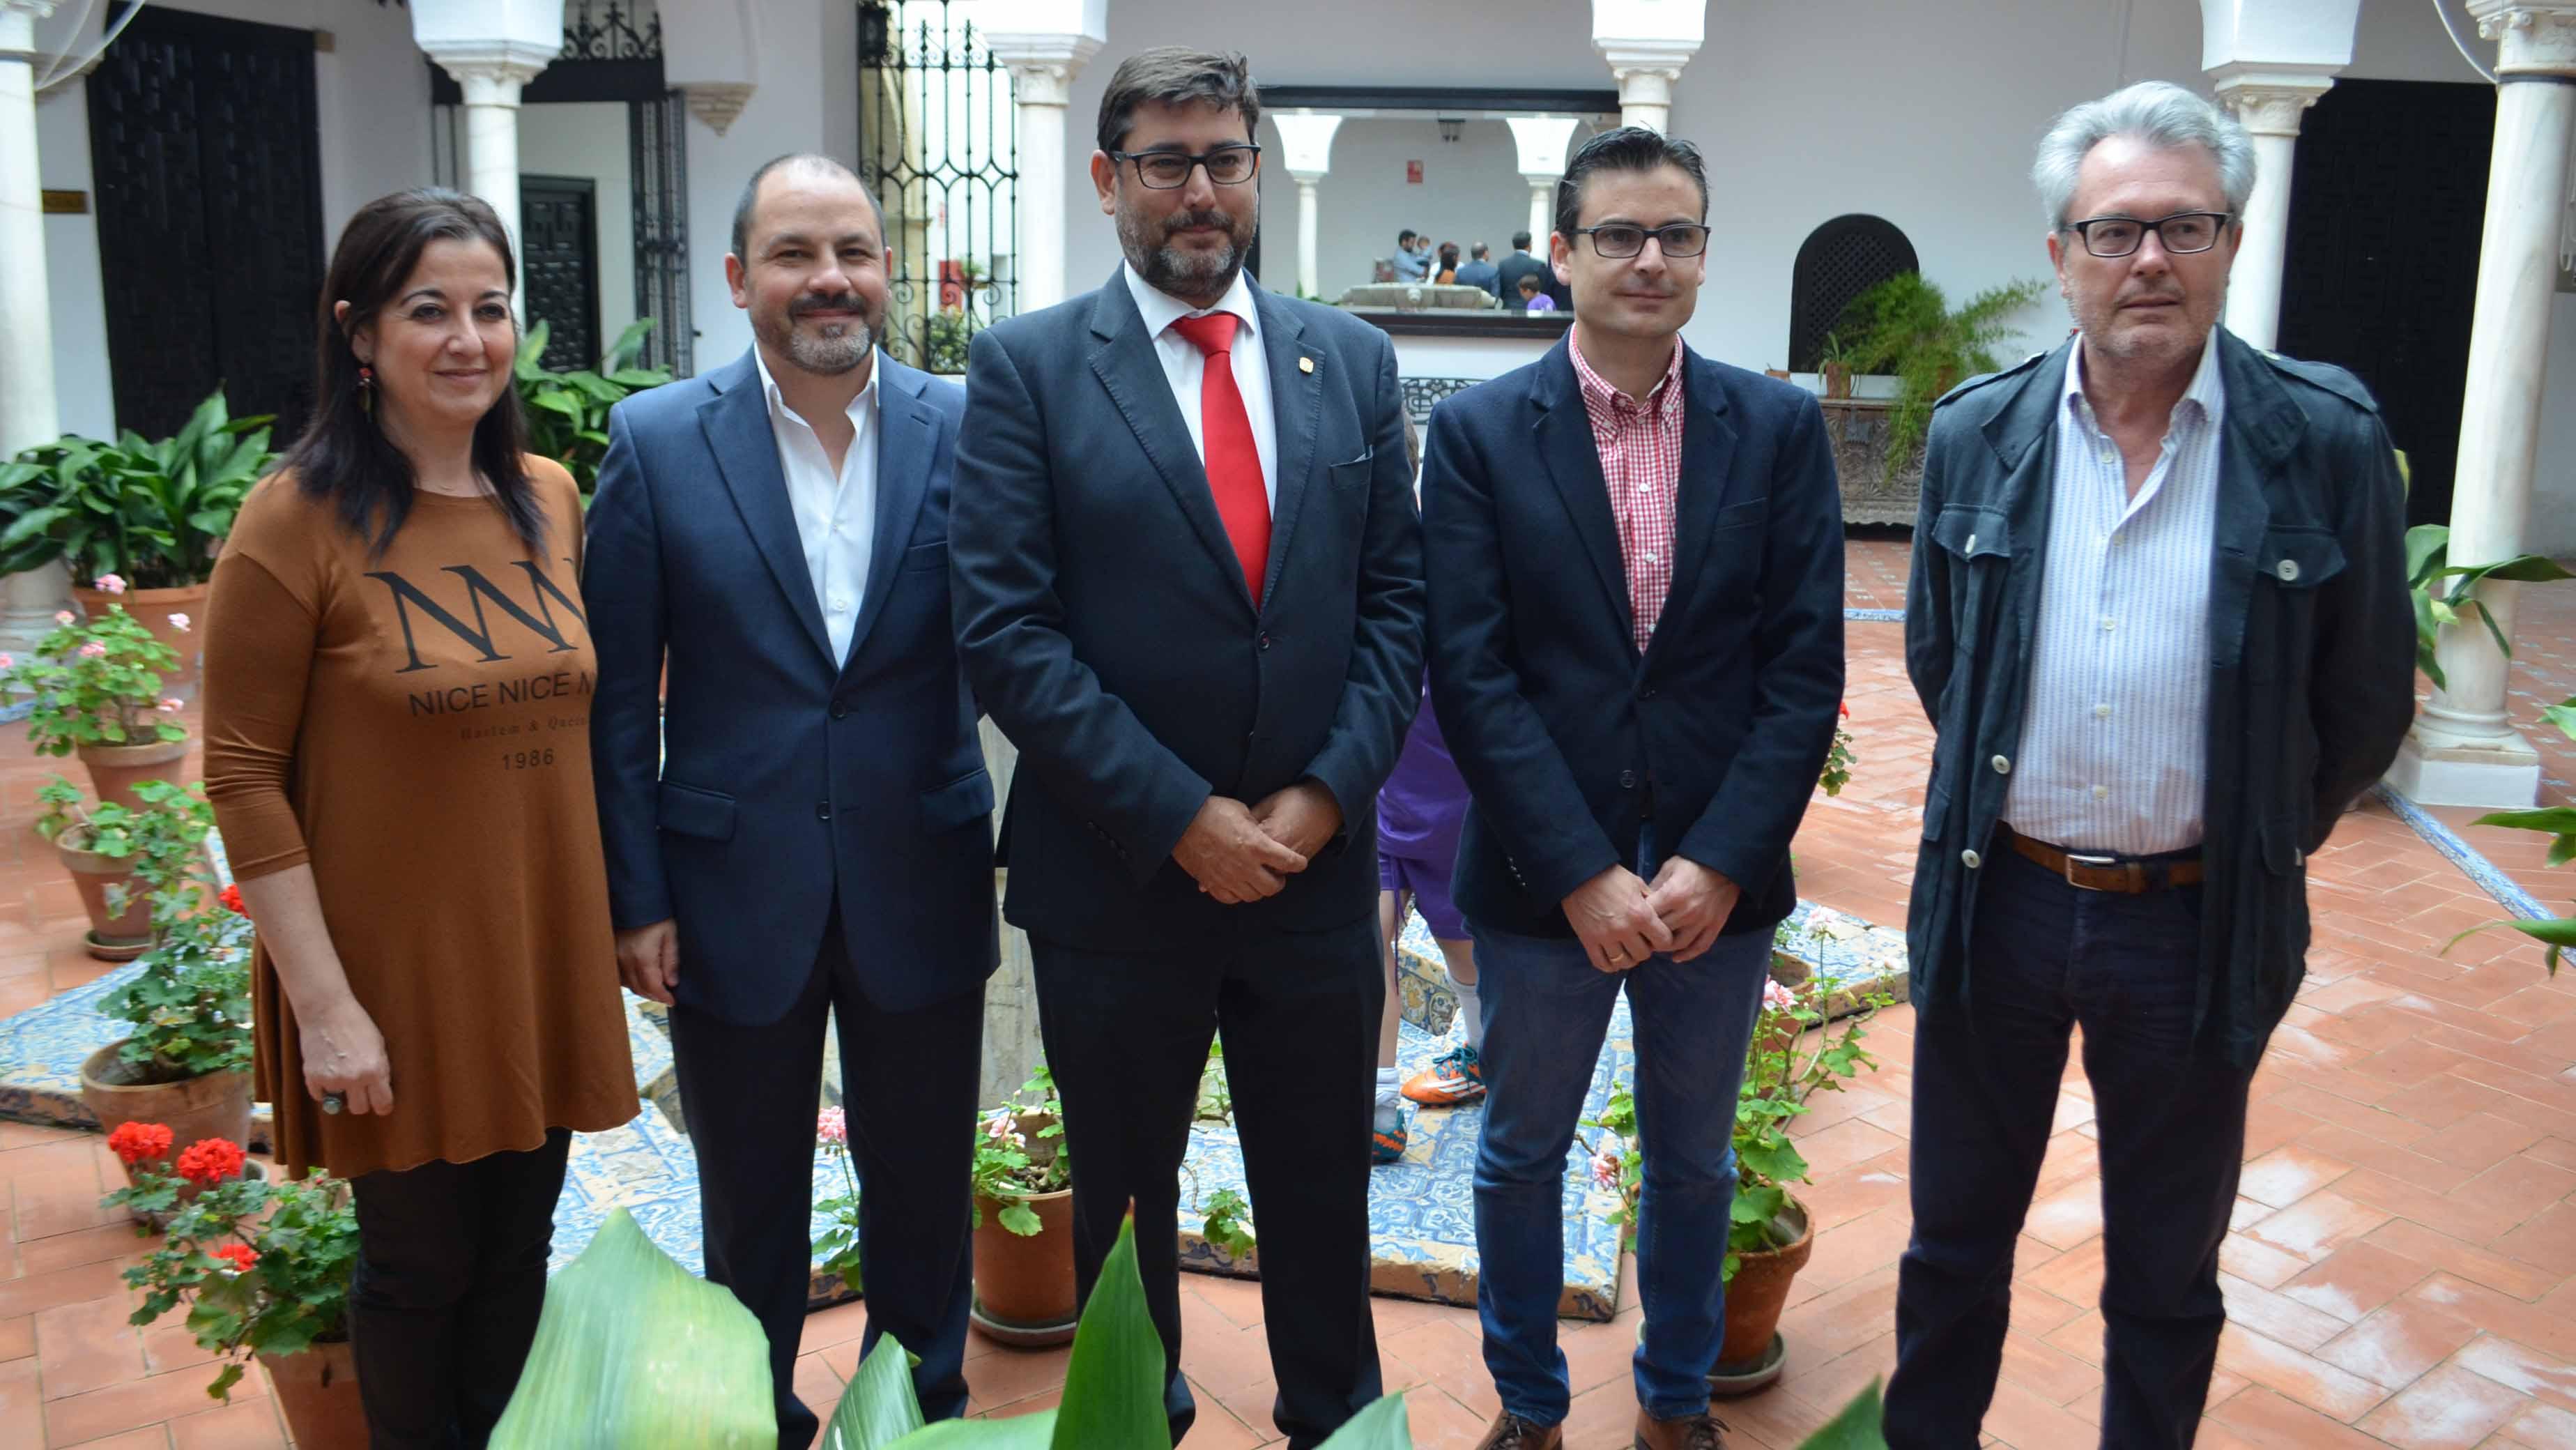 El alcalde de Utrera, José María Villalobos, ha apoyado el surgimiento de esta orquesta